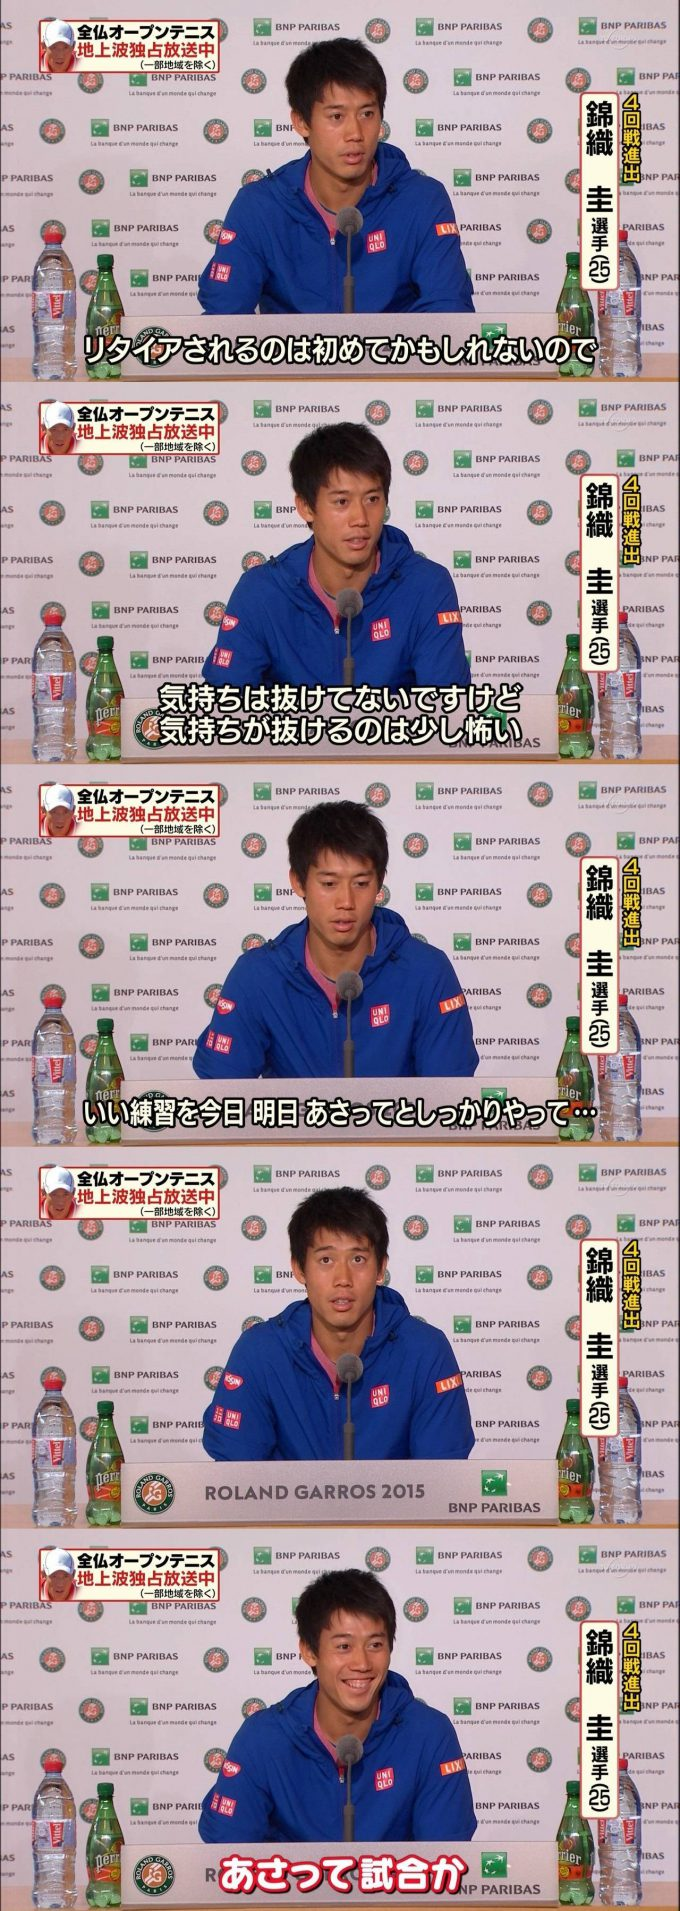 【テレビインタビューおもしろ画像】天然? 全仏オープンテニスで4回戦に進出した錦織圭選手の迷インタビュー(笑)tvmovie_0139